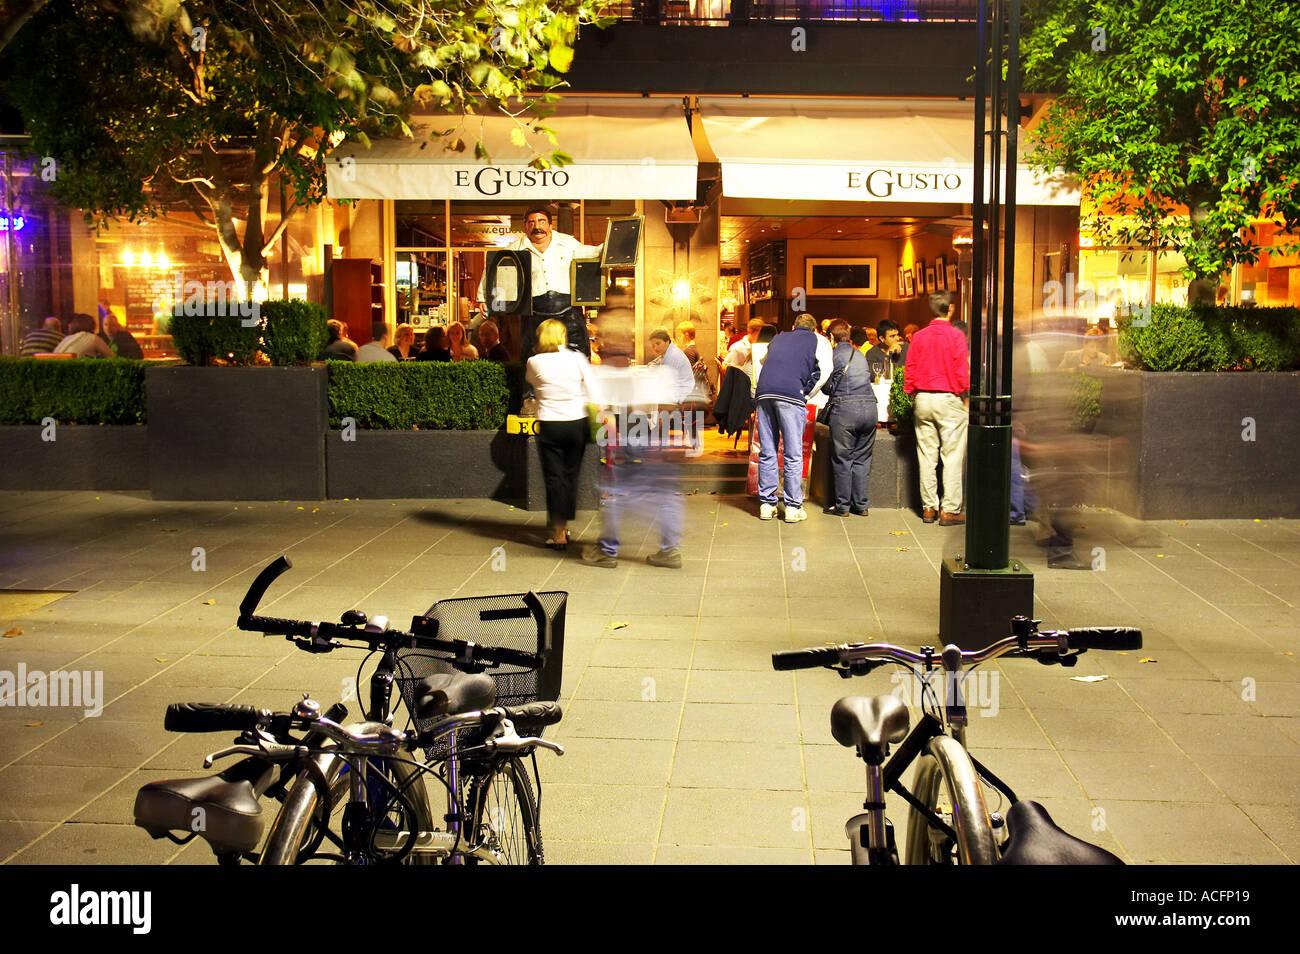 Fresco Cycles Stock Photos & Fresco Cycles Stock Images - Alamy